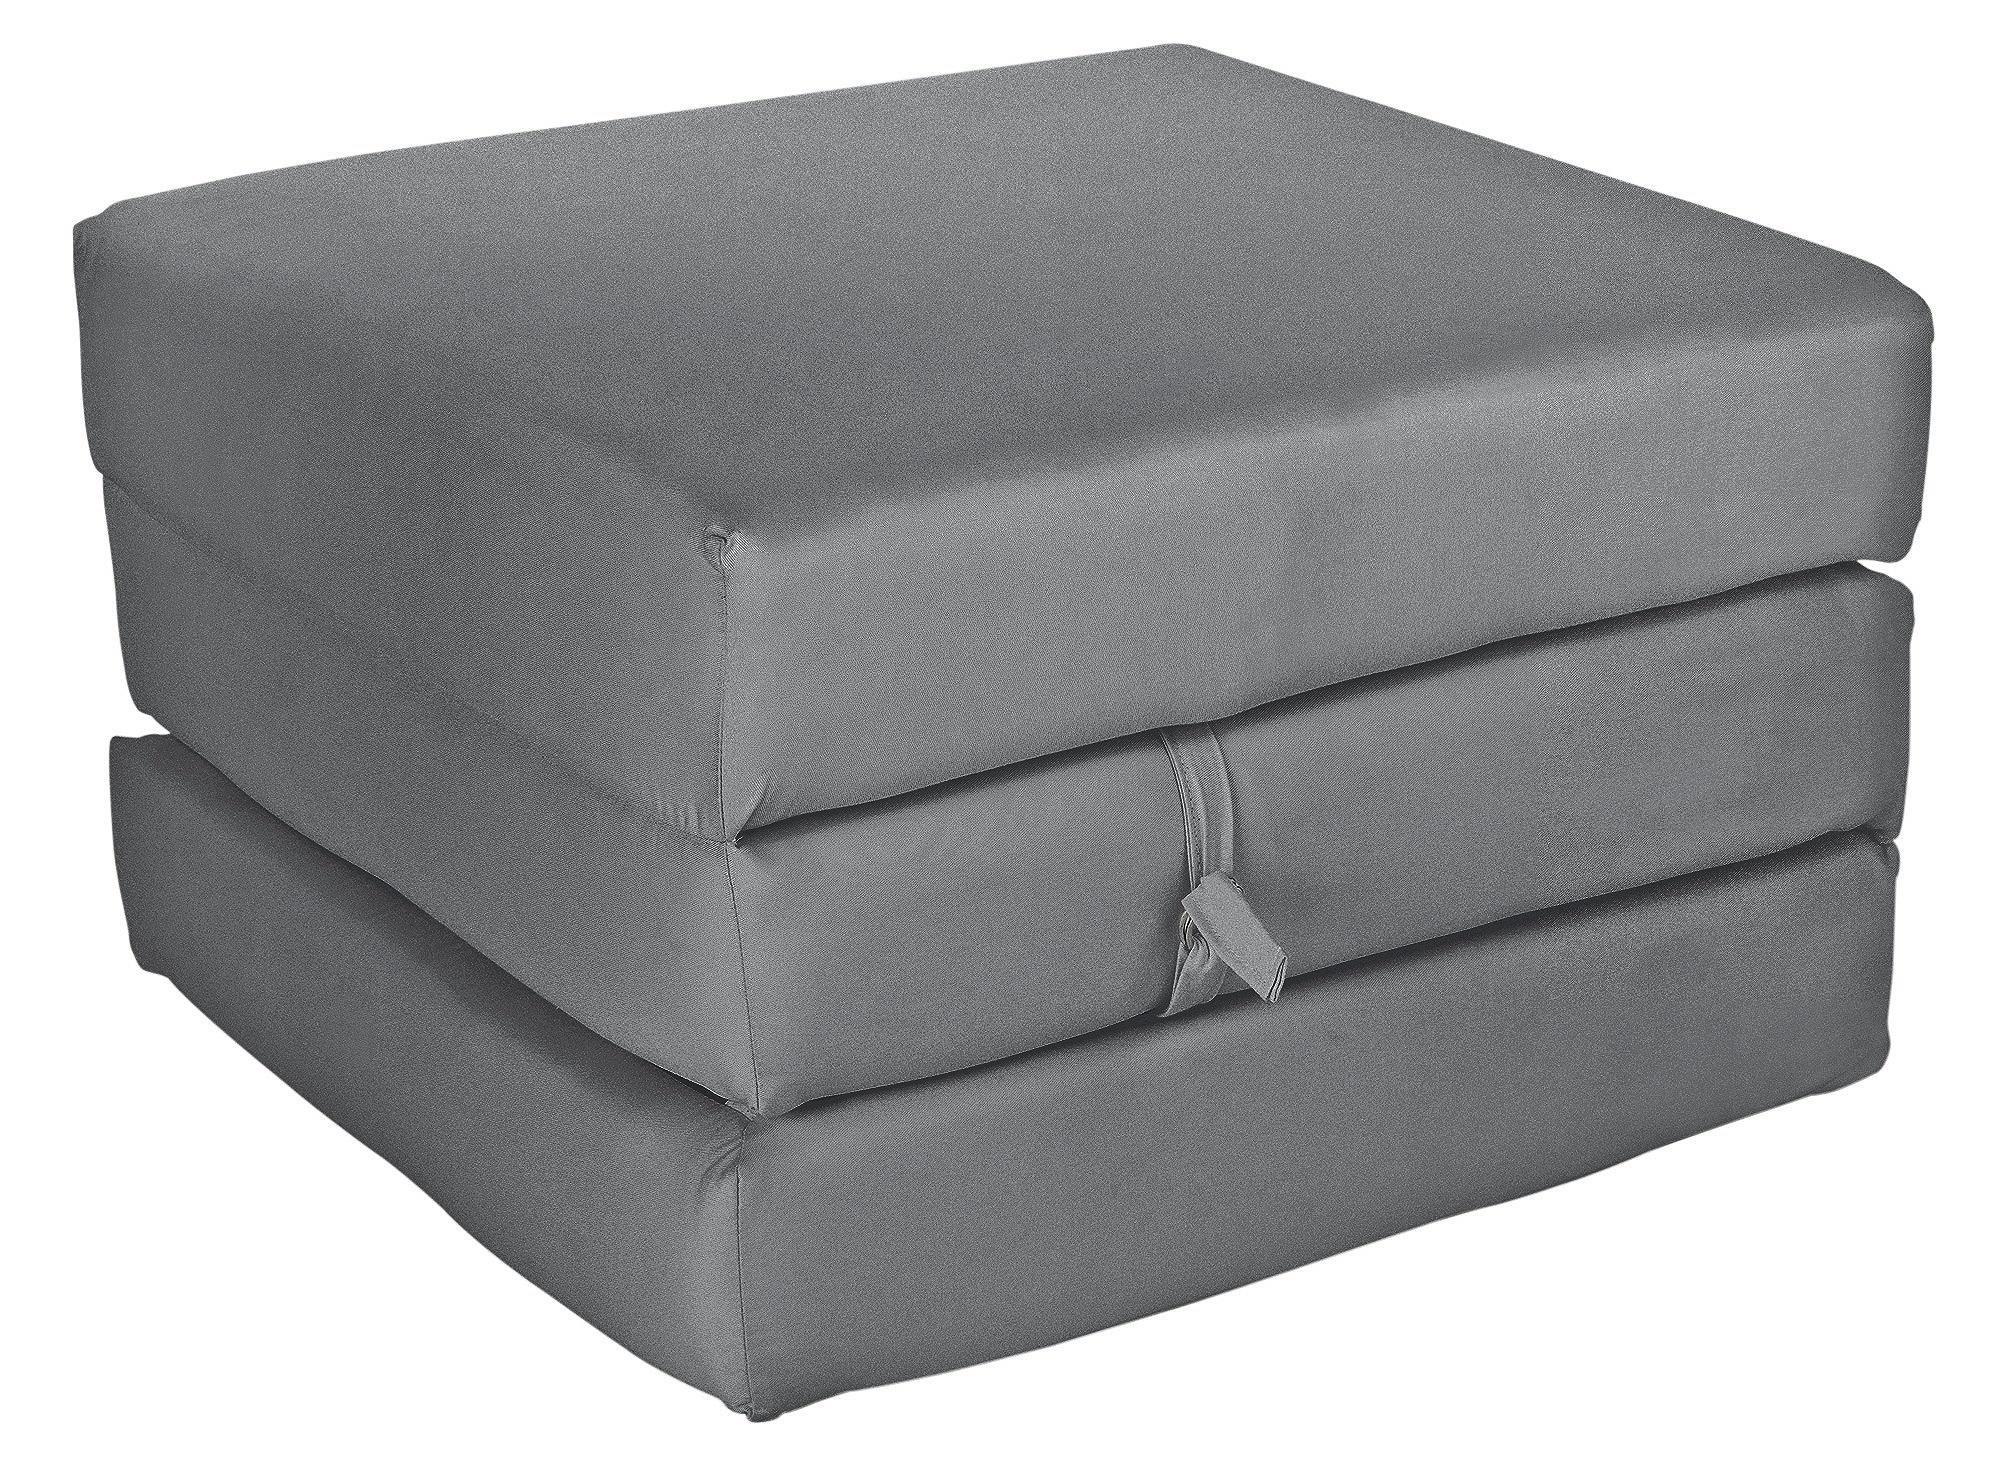 colourmatch single mattress cube   flint grey sofa beds chair beds and futons   argos  rh   argos co uk